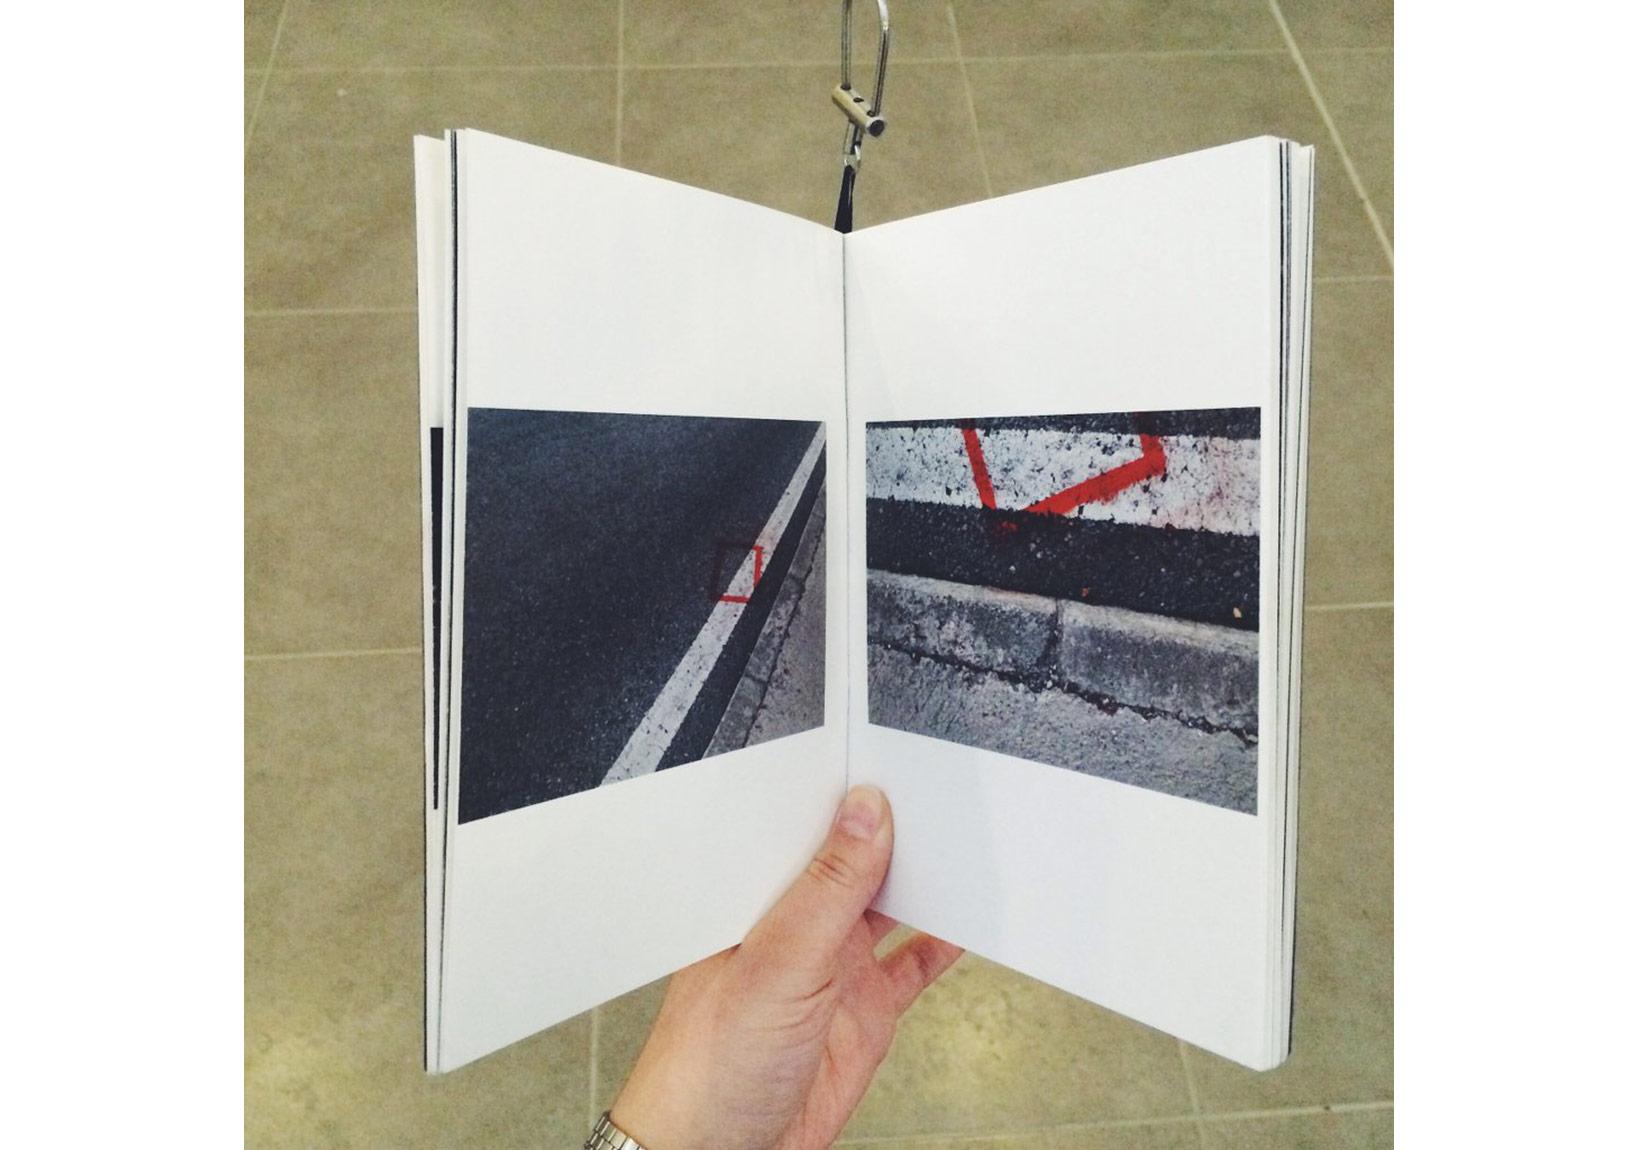 Beril Or'un 'Mid' sanatçı kitabının sergi görünüşü